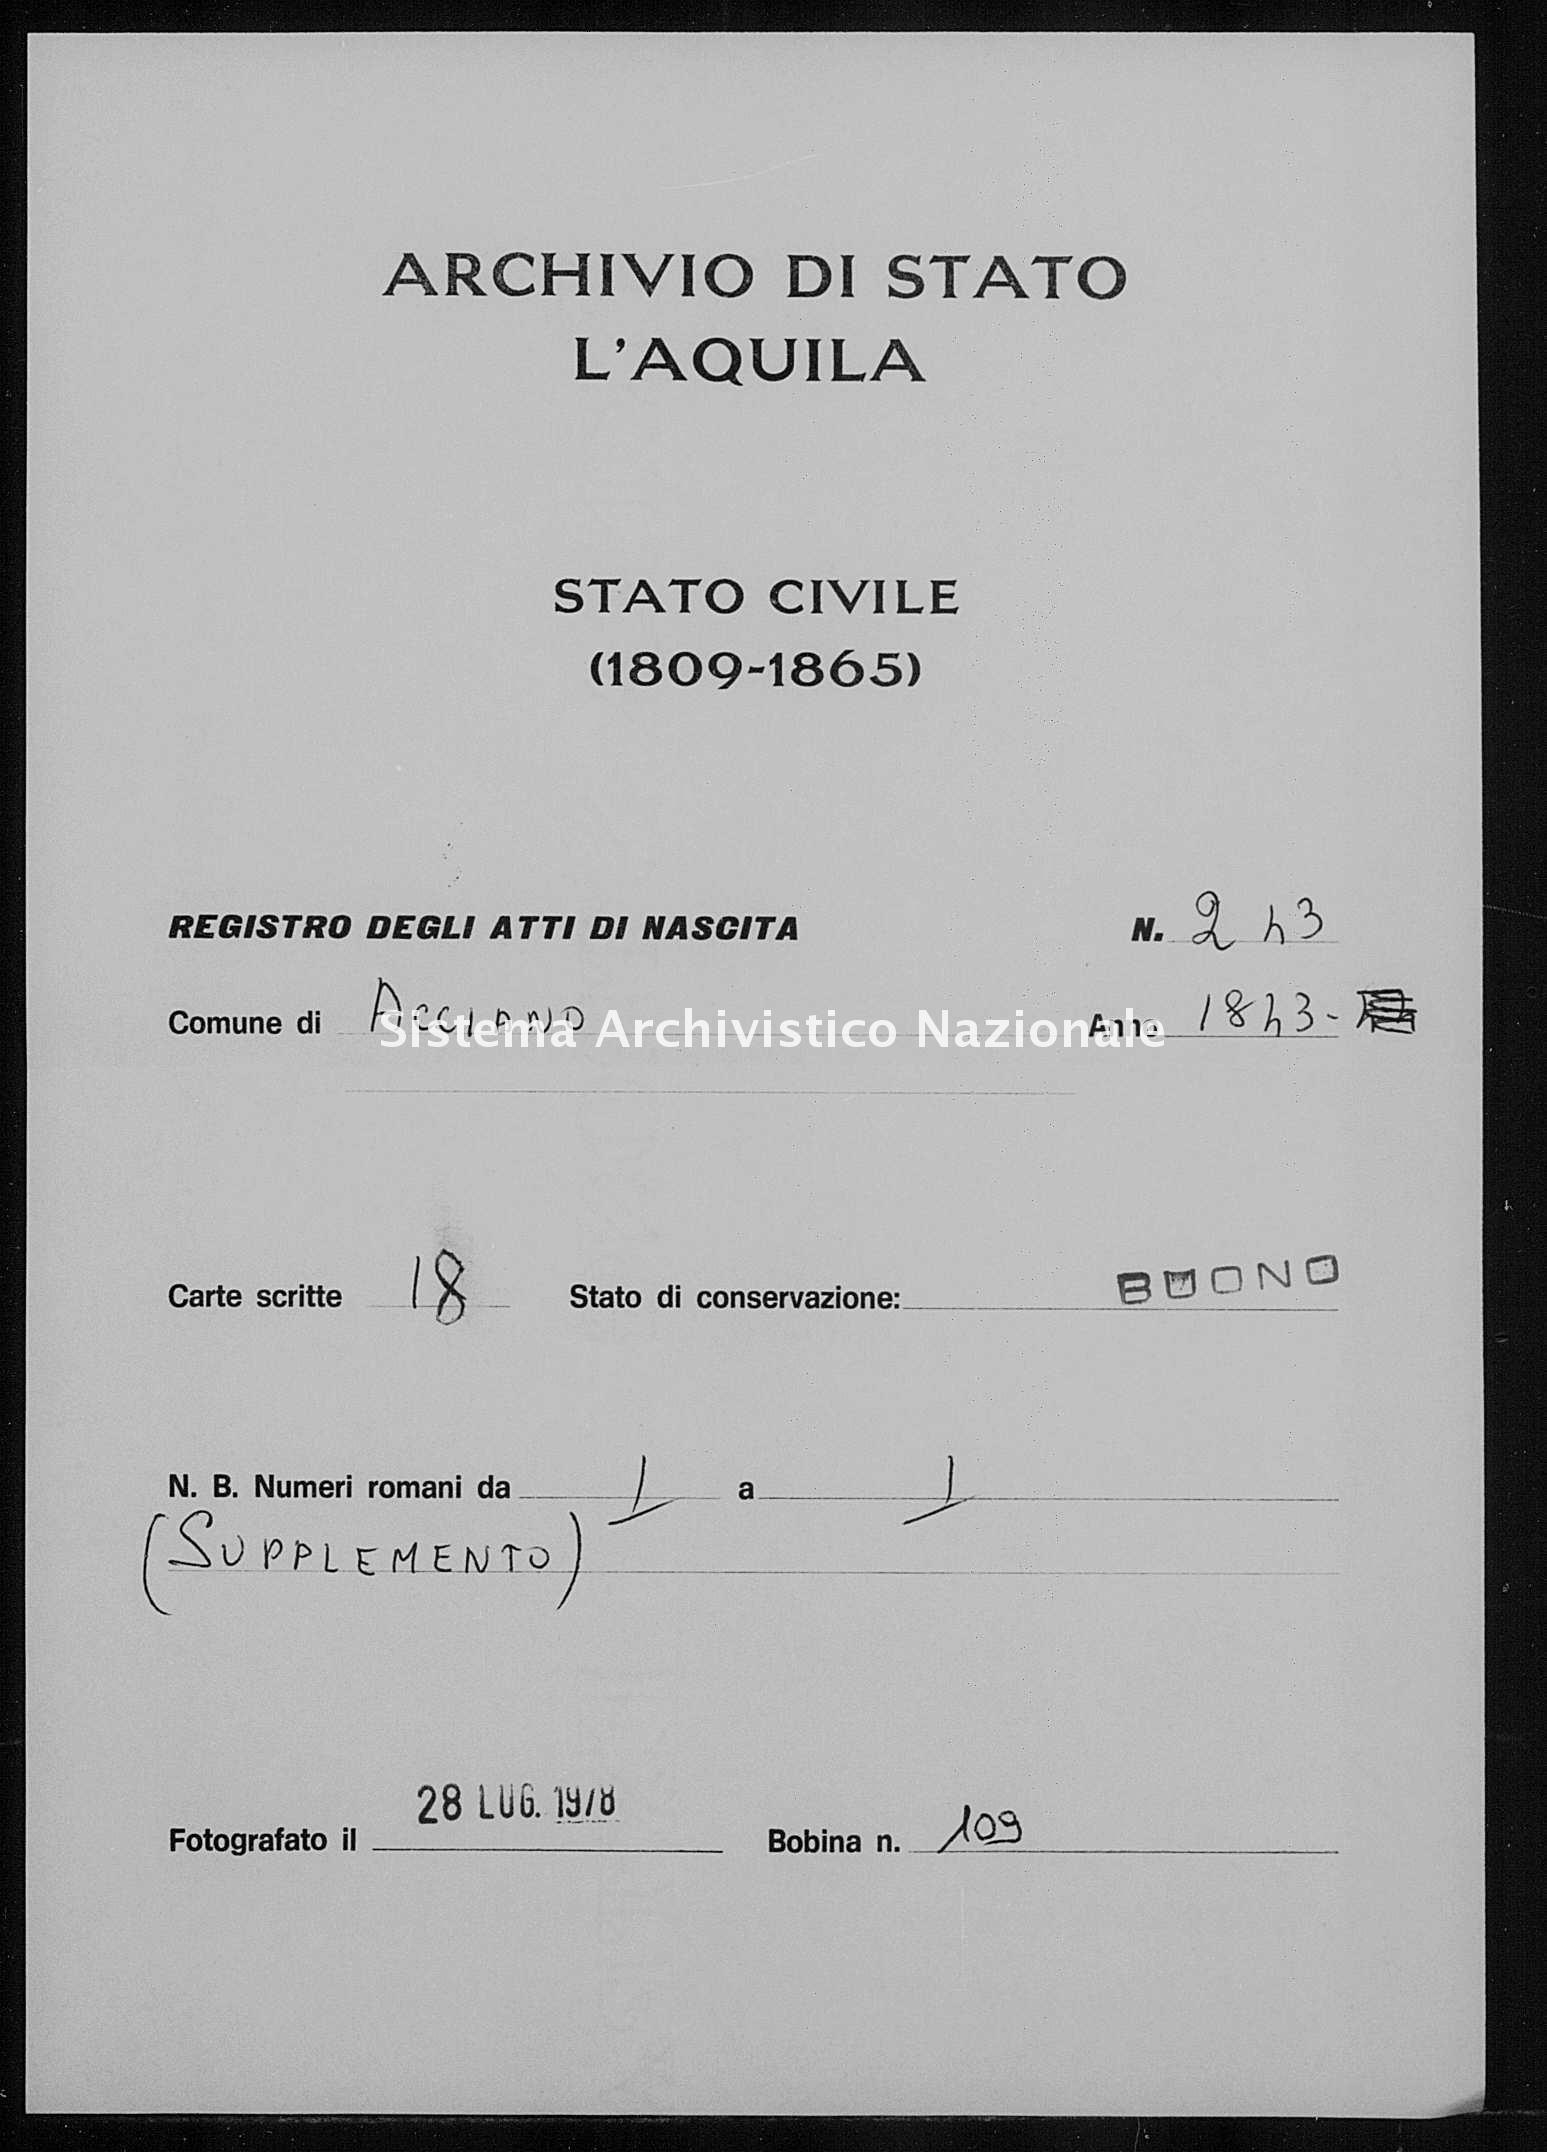 Archivio di stato di L'aquila - Stato civile della restaurazione - Acciano - Nati - 1843 - 243 -